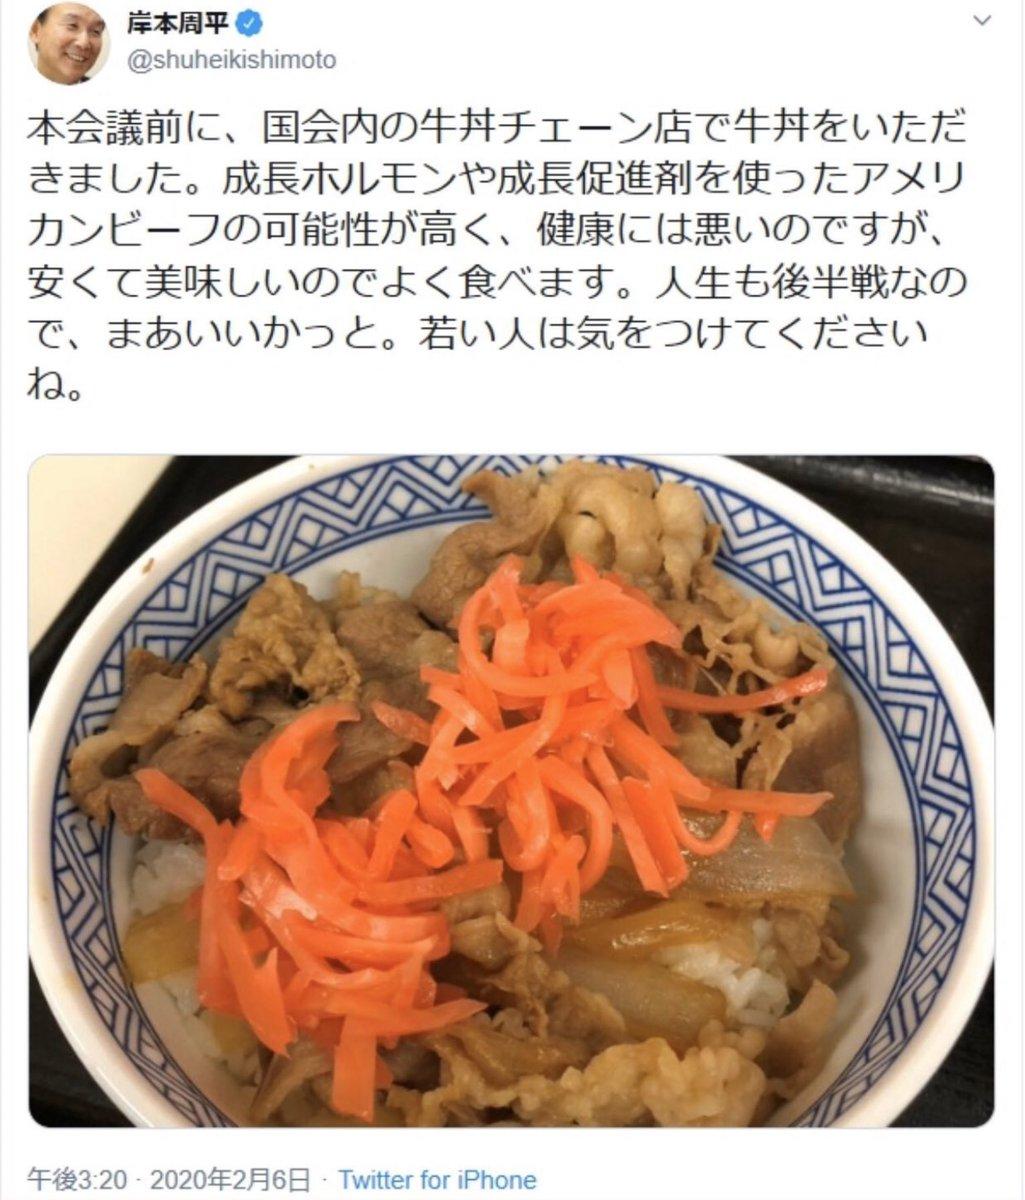 """KAZUYA on Twitter: """"国民民主党の岸本周平議員が吉野家批判で炎上 ..."""